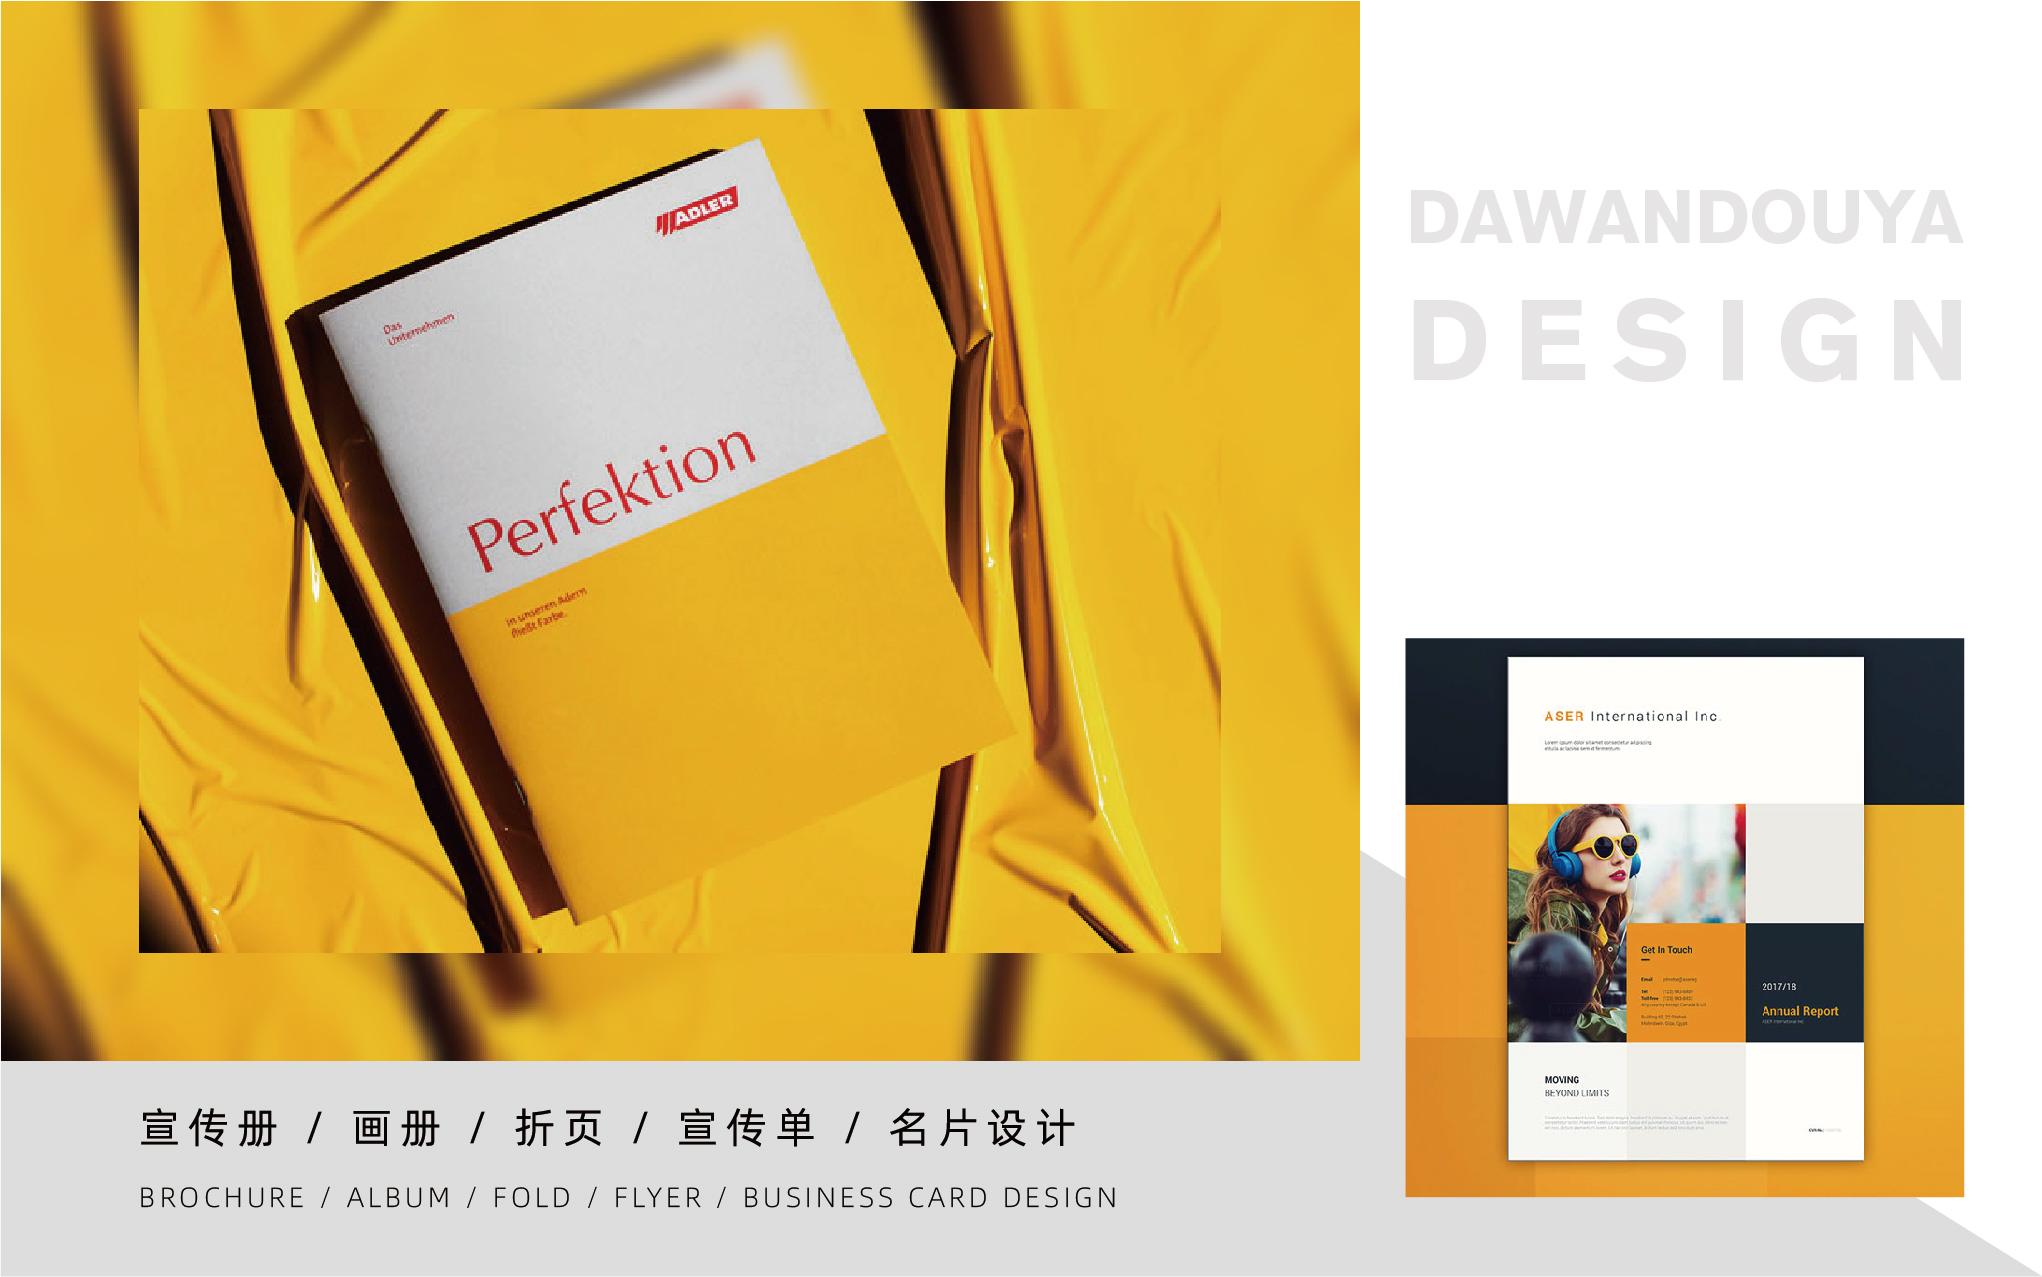 宣传册/海报/PPT/封面/图册设计/画册设计/微信红包封面